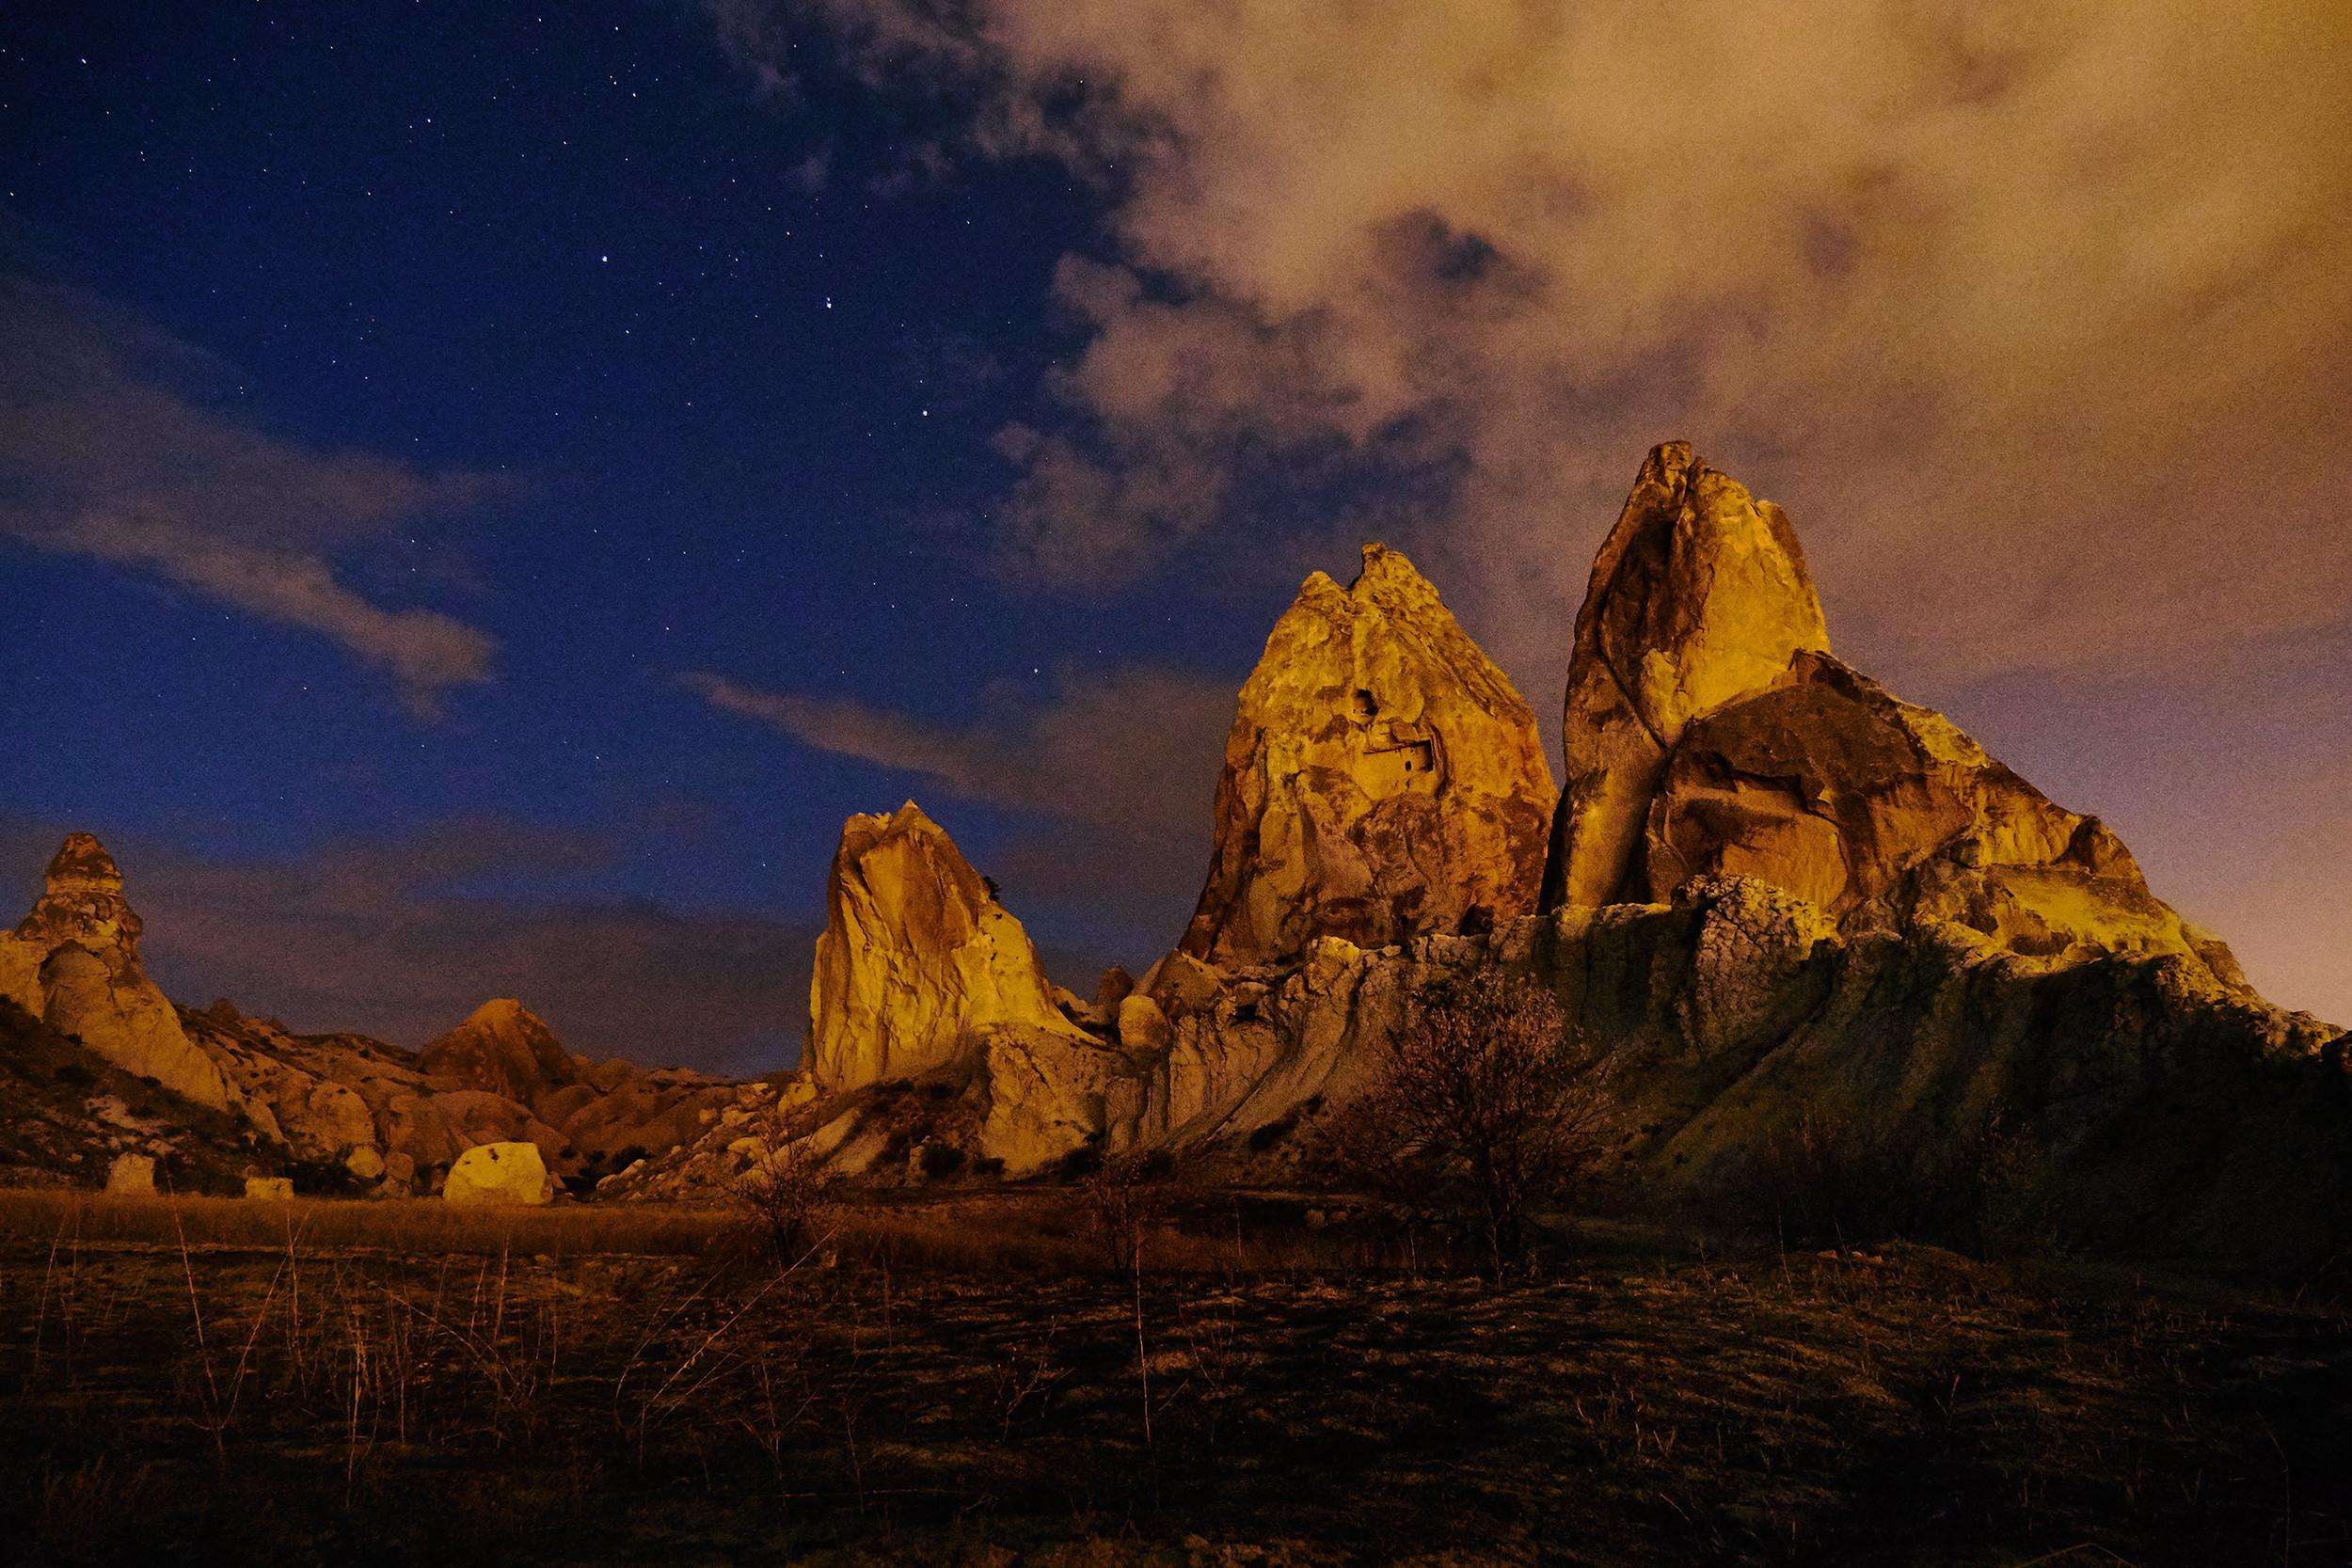 Triangular rock formations at night, Cappadocia